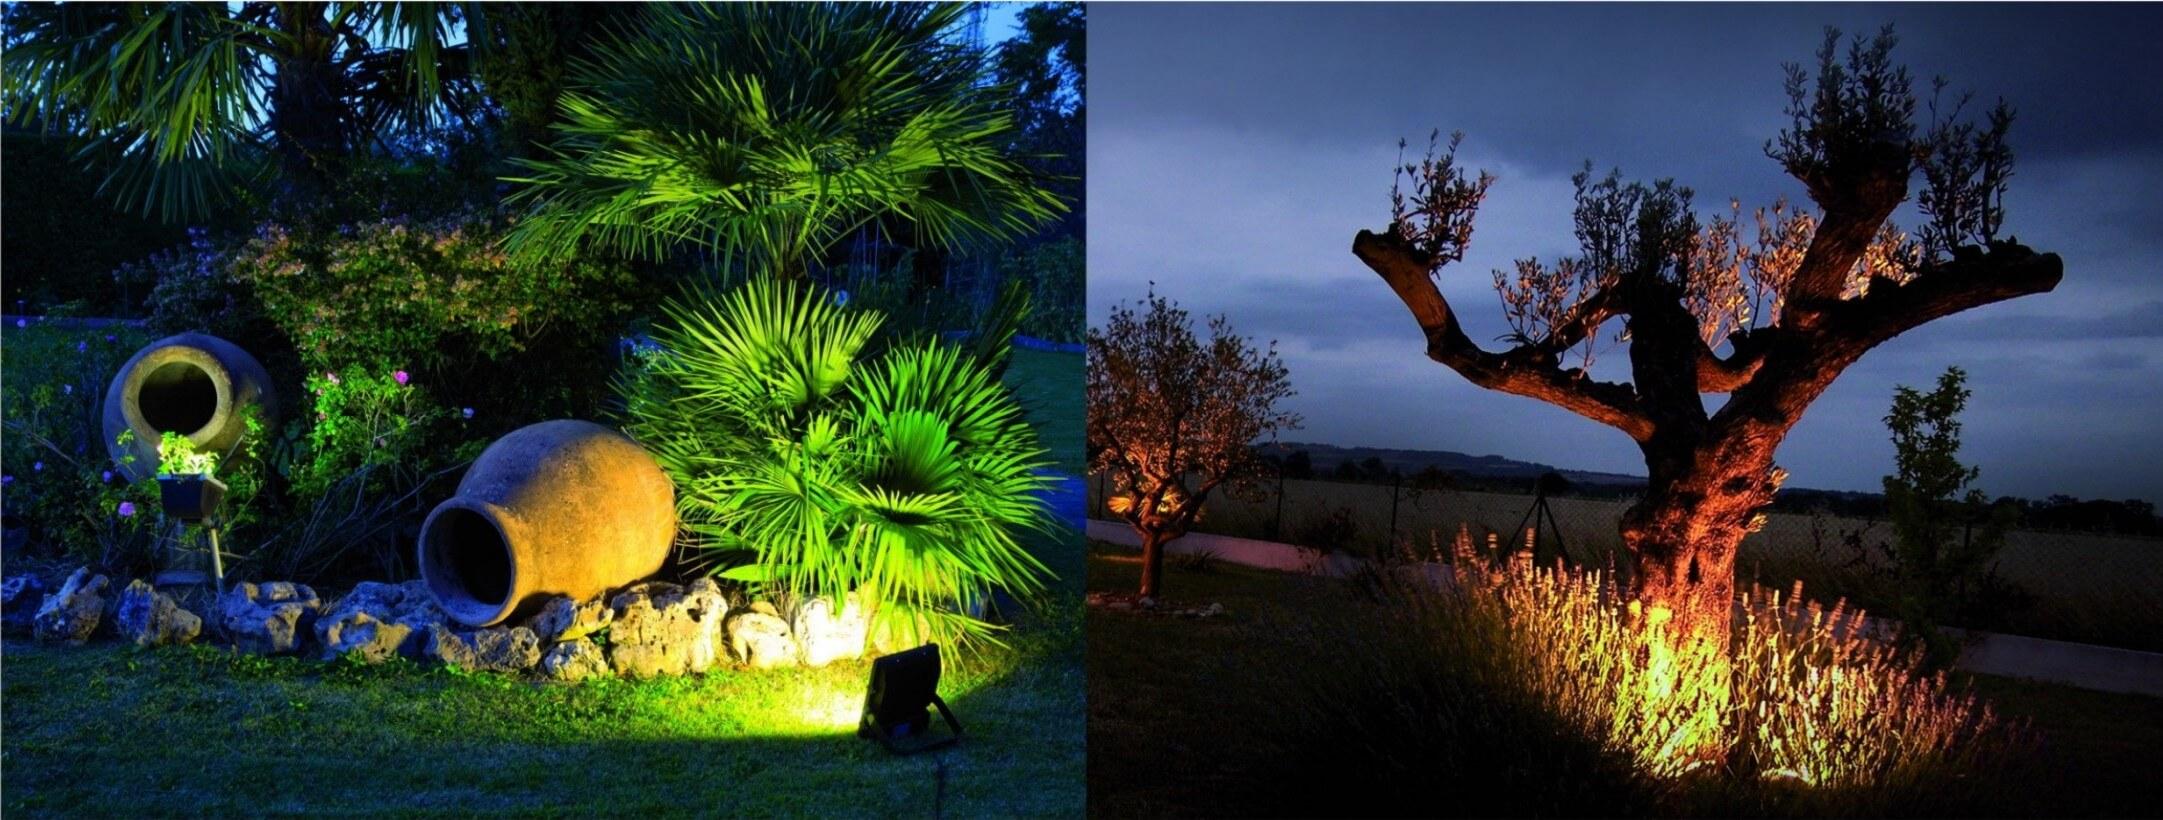 EASY CONNECT - N°1 de l\'illumination et éclairage de jardin raccordable